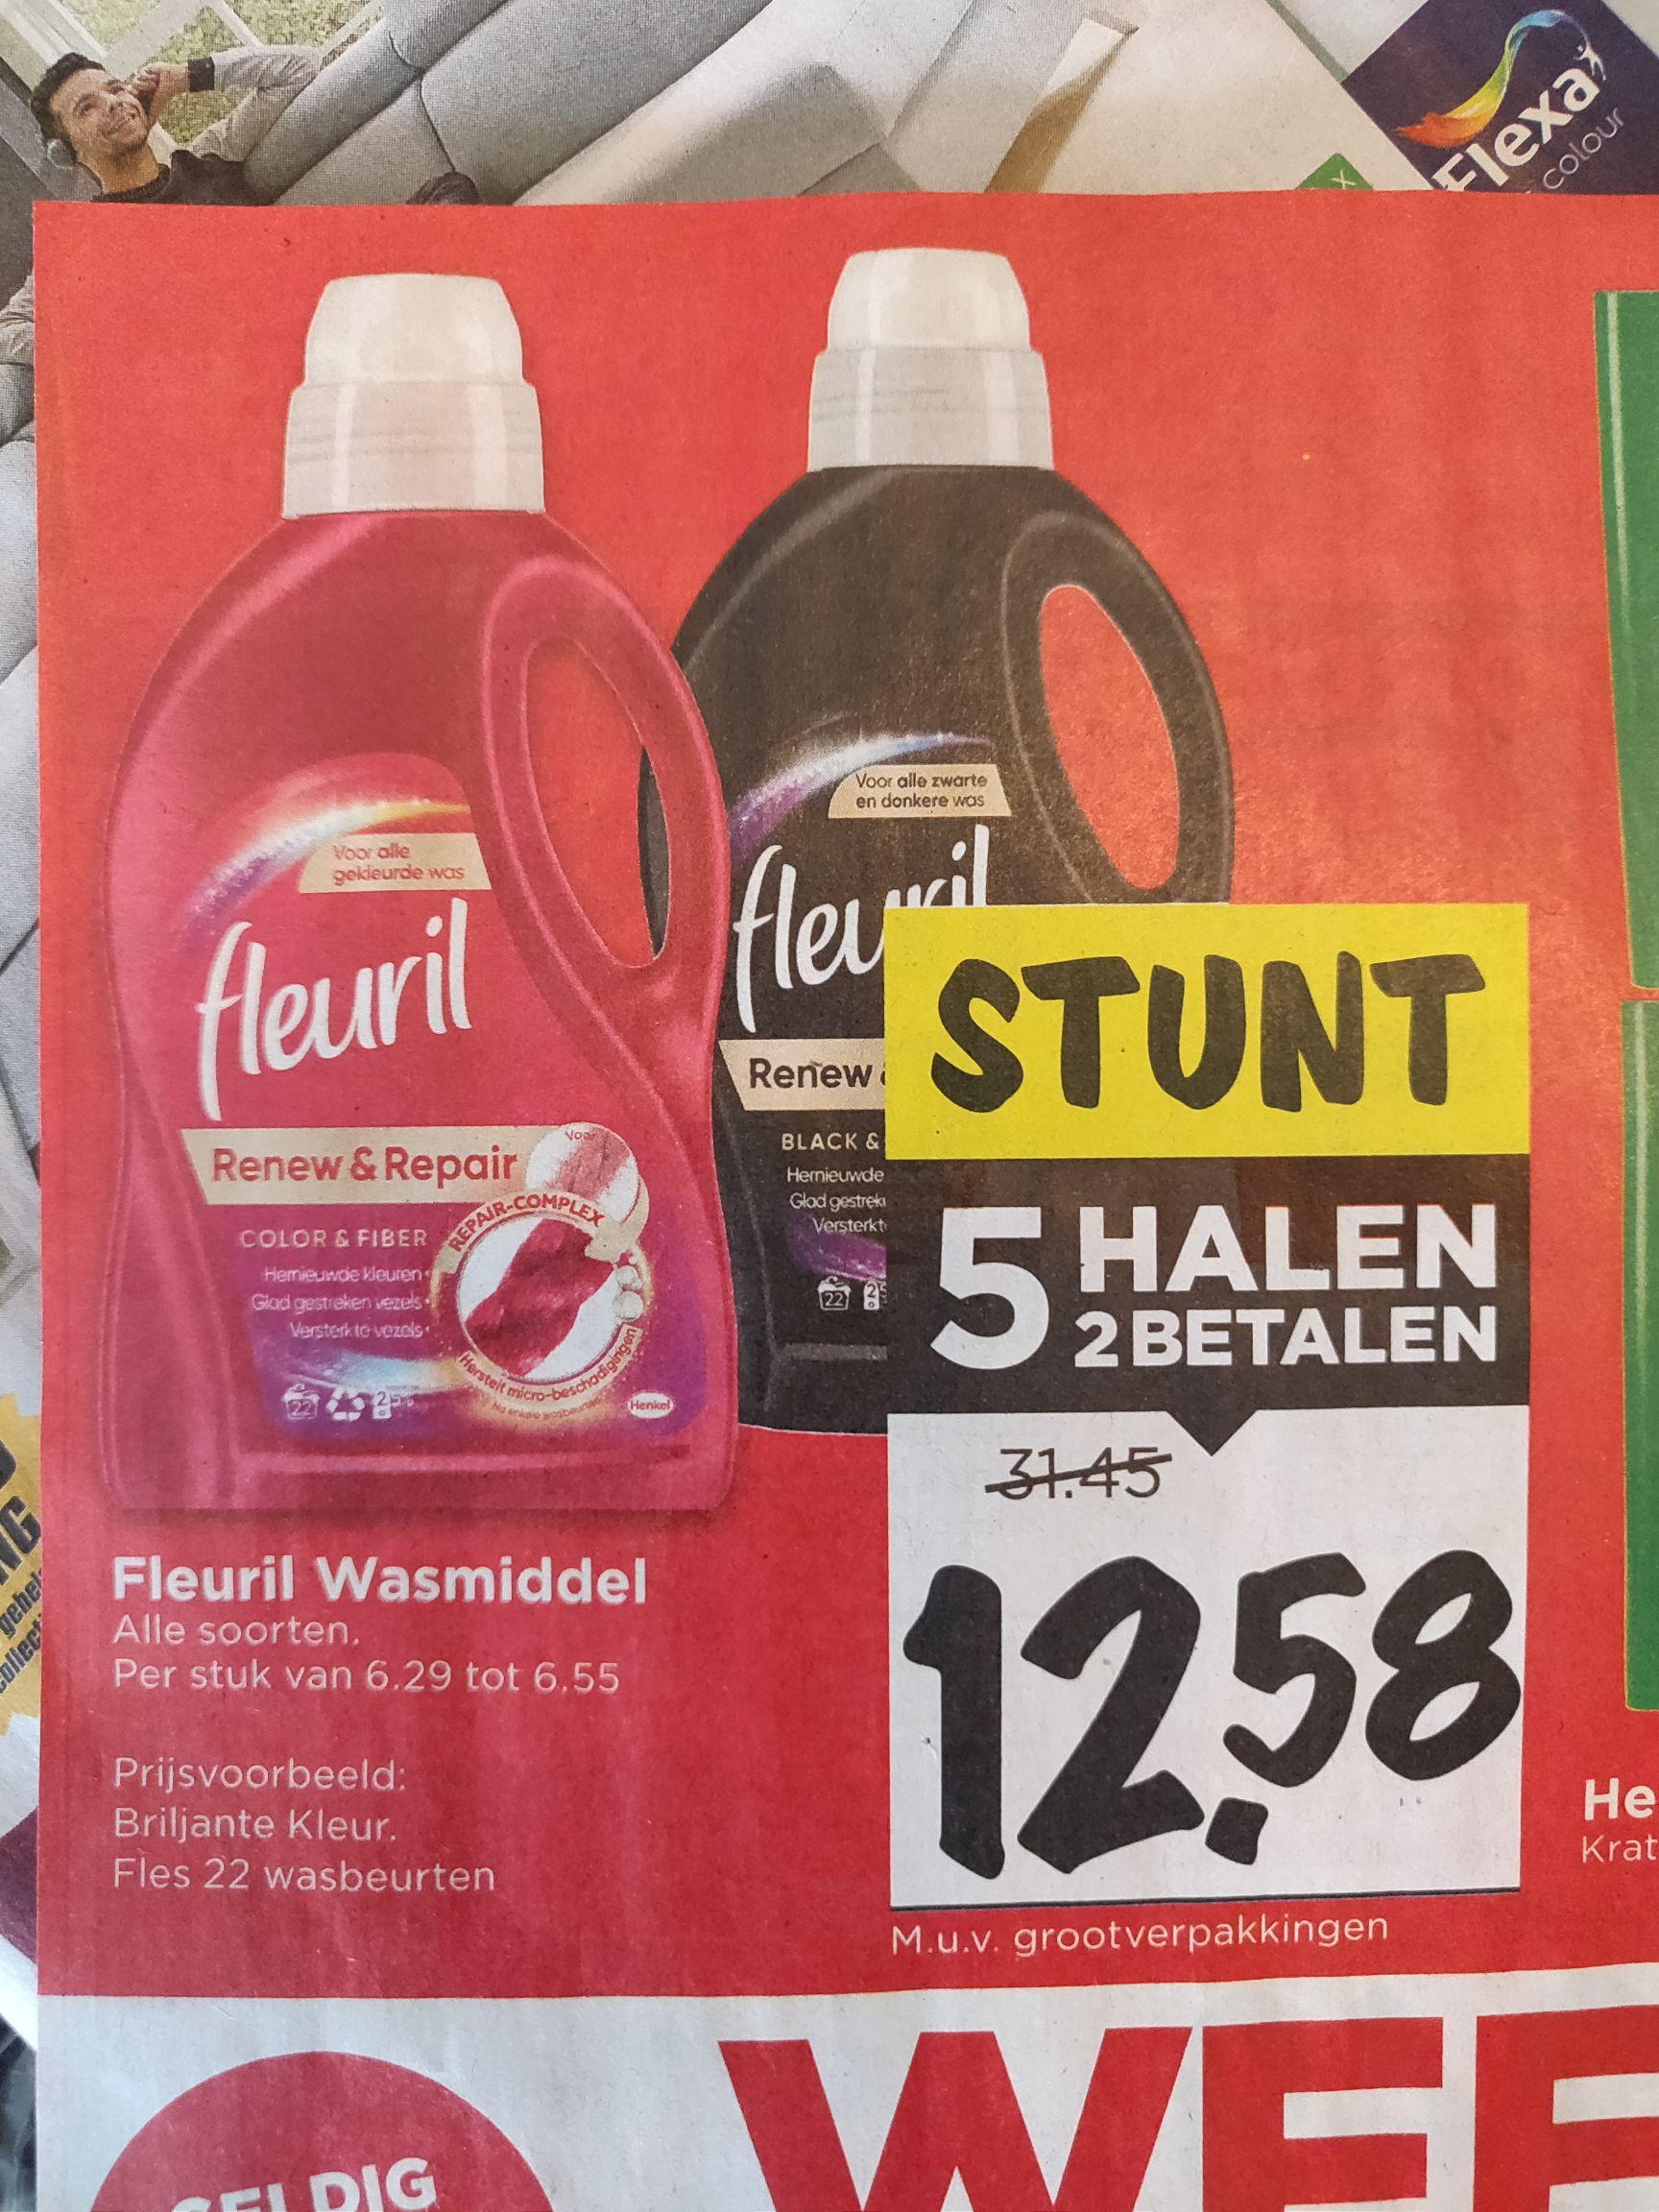 Fleuril wasmiddel 5 halen 2 betalen! @Vomar